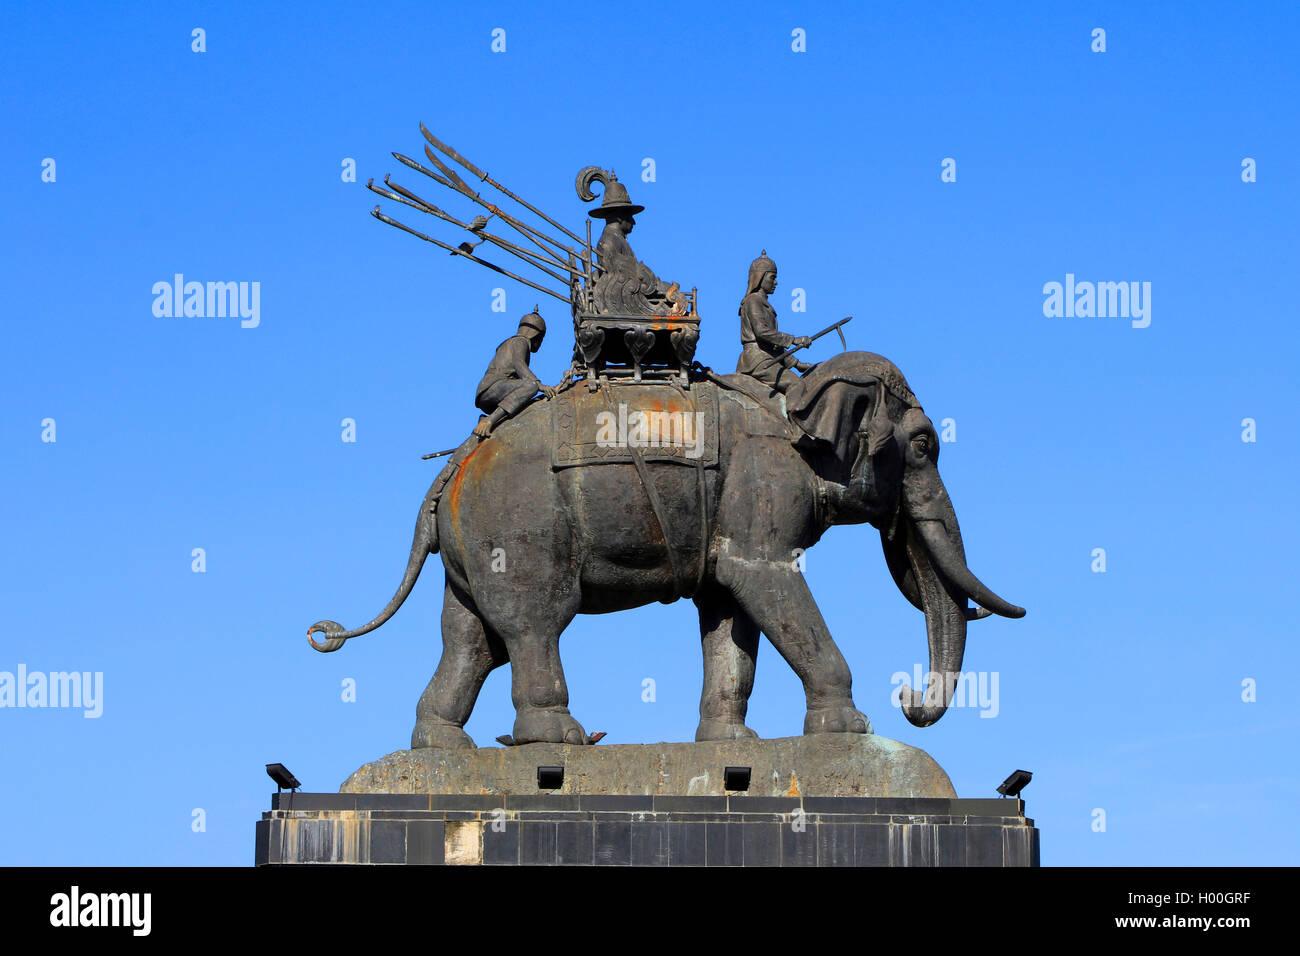 Bronze Denkmal von Koenig Rama, Thailand, Buriram | bronze memorial of King Rama, Thailand, Buriram | BLWS419668.jpg - Stock Image